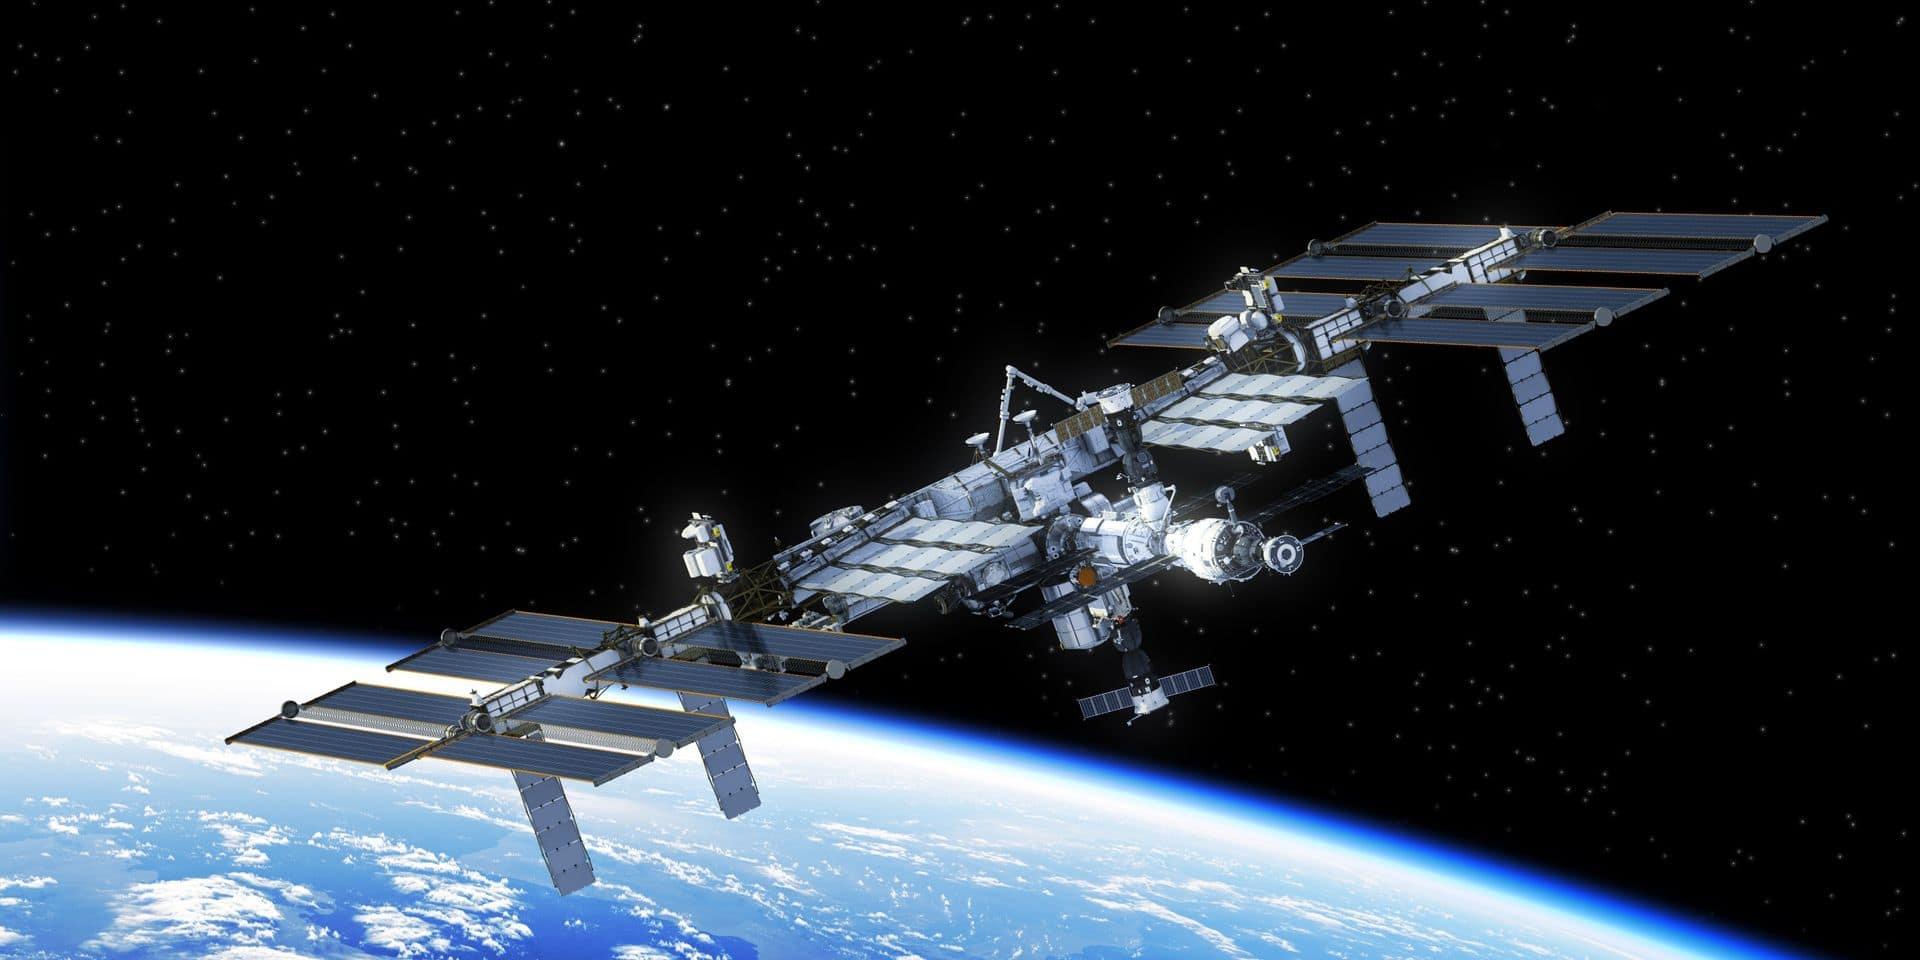 """La Russie va construire sa propre station spatiale : """"L'objectif est qu'il soit prêt à être lancé en orbite en 2025"""""""